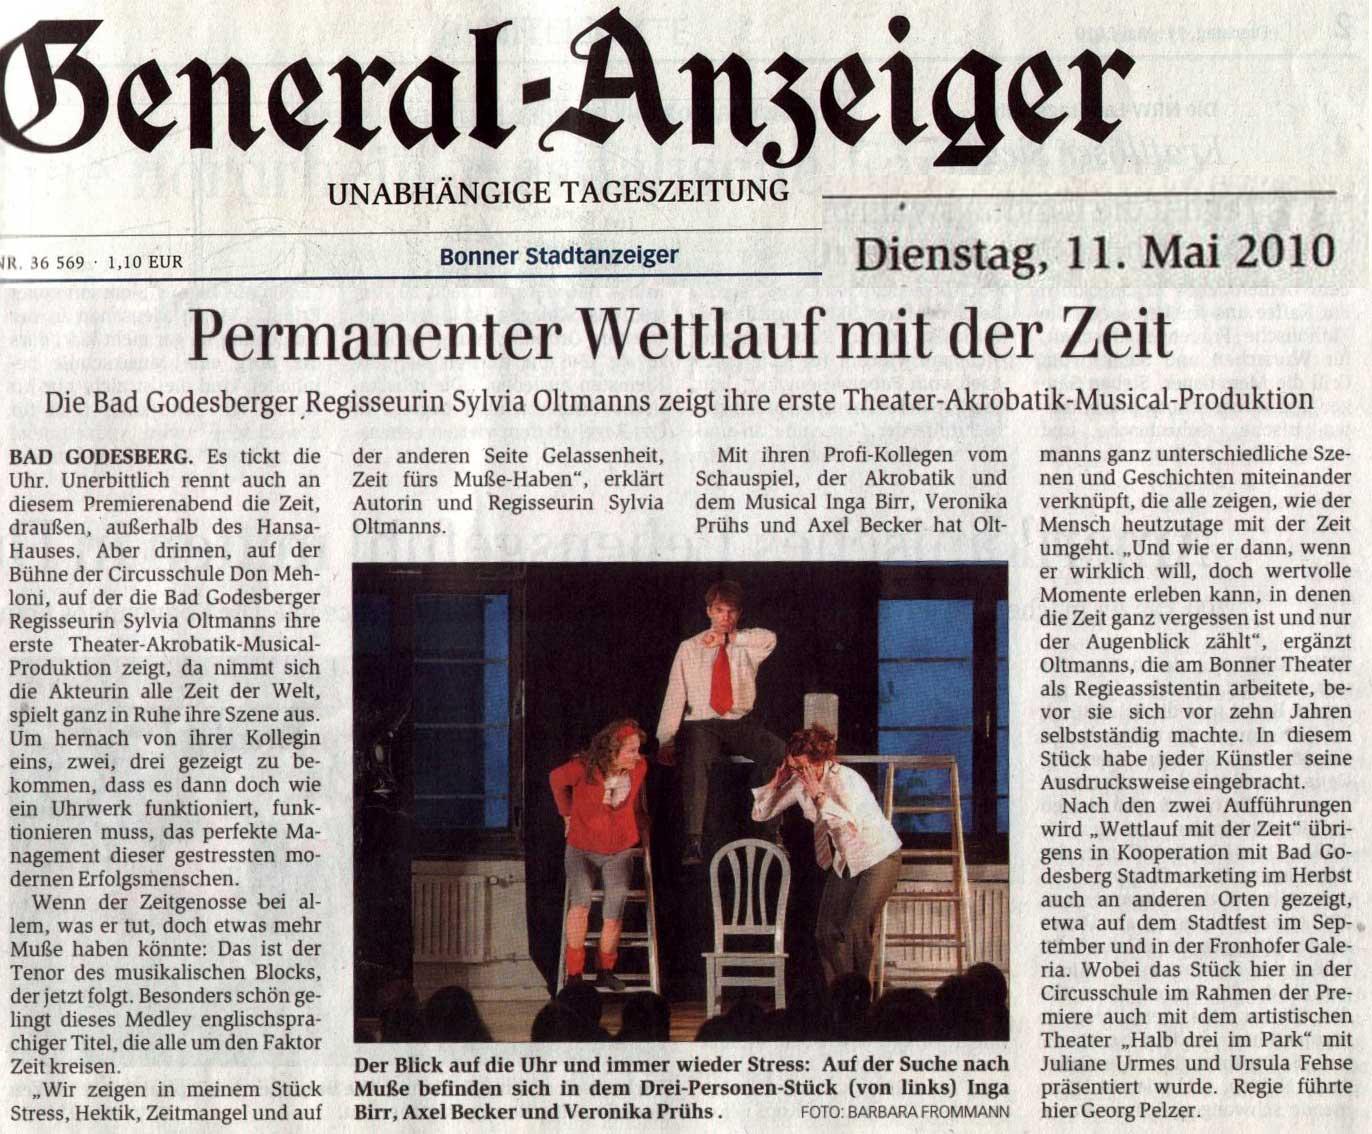 """Hier ist ein Bild mit dem Artikel im Bonner Generalanzeiger über """"Wettlauf mit der Zeit"""""""